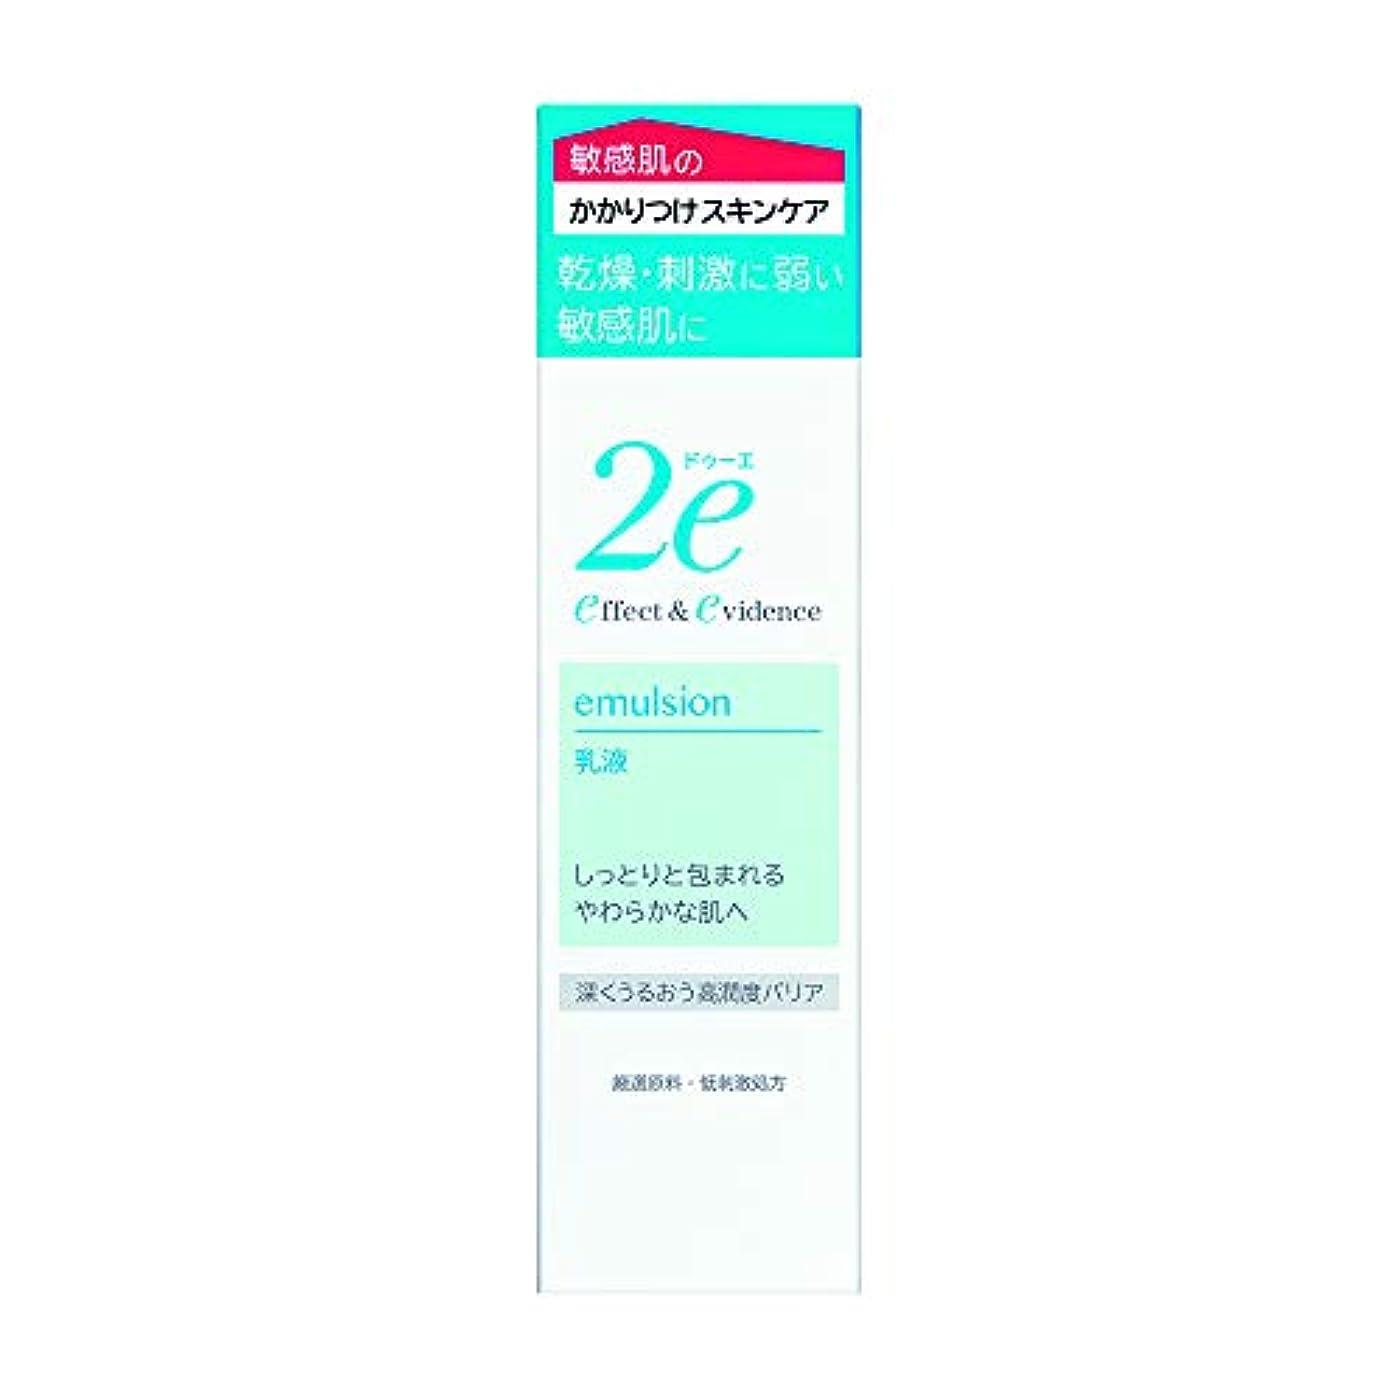 交換可能ペンボトル2e(ドゥーエ) 乳液 敏感肌用乳液 低刺激処方 深くうるおう高潤度バリア 140ml 化粧水